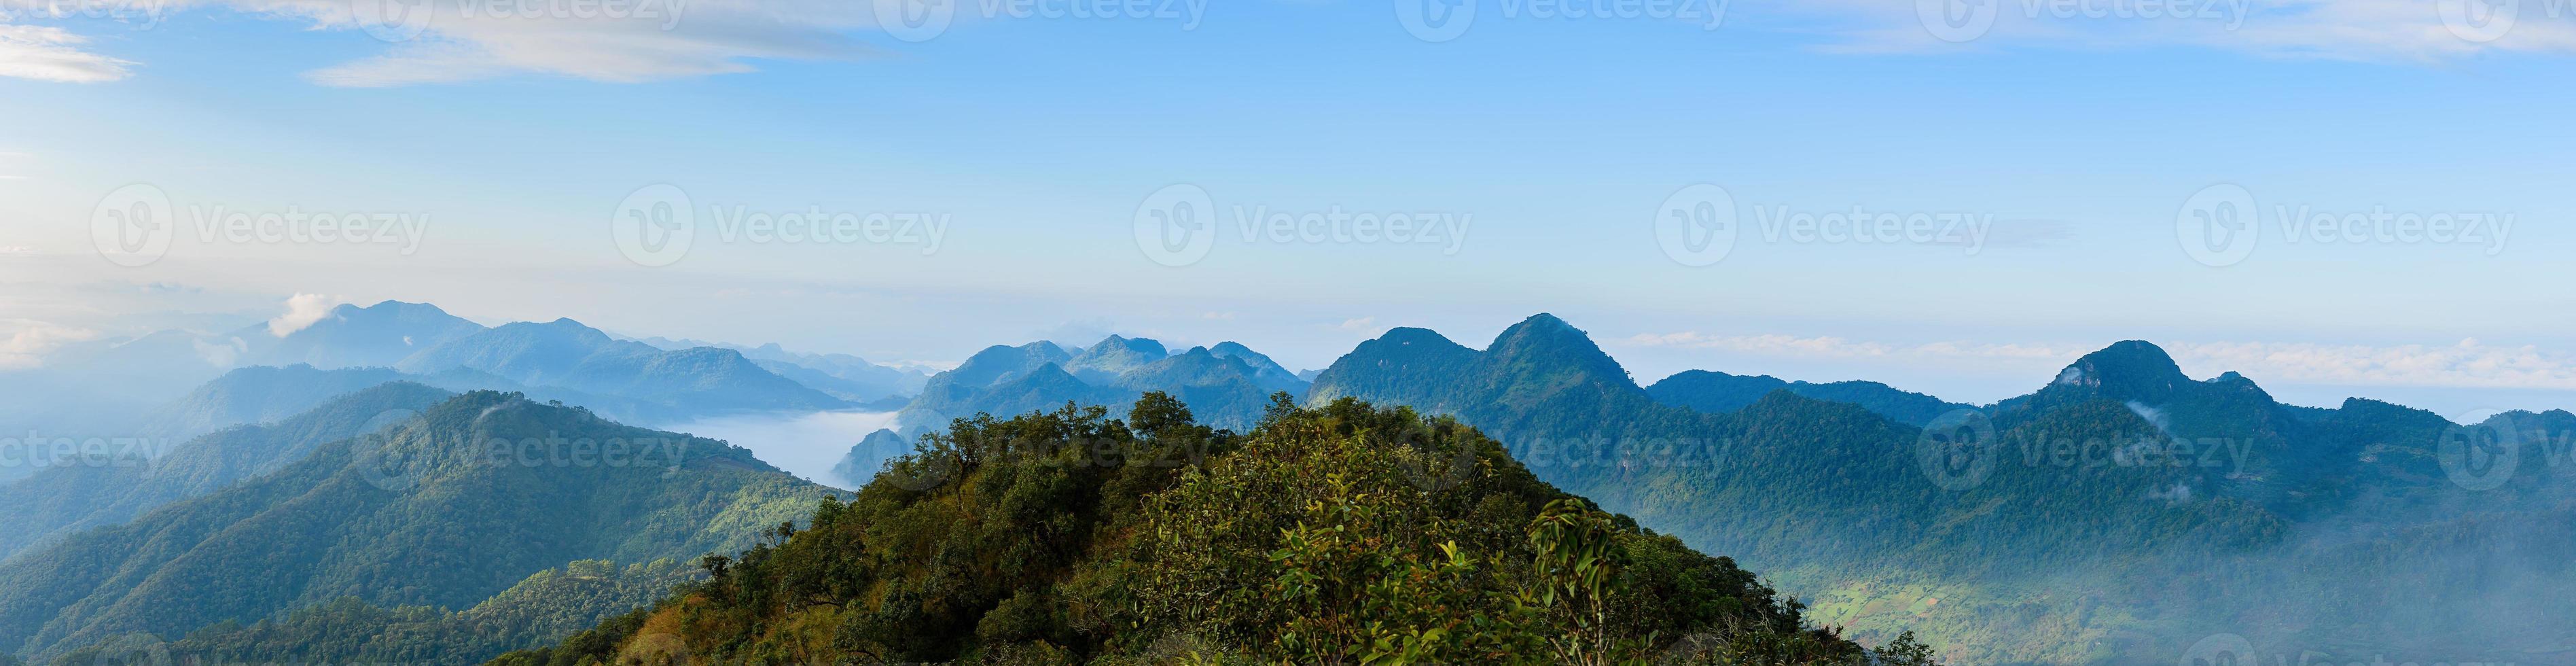 montañas azules en la niebla foto